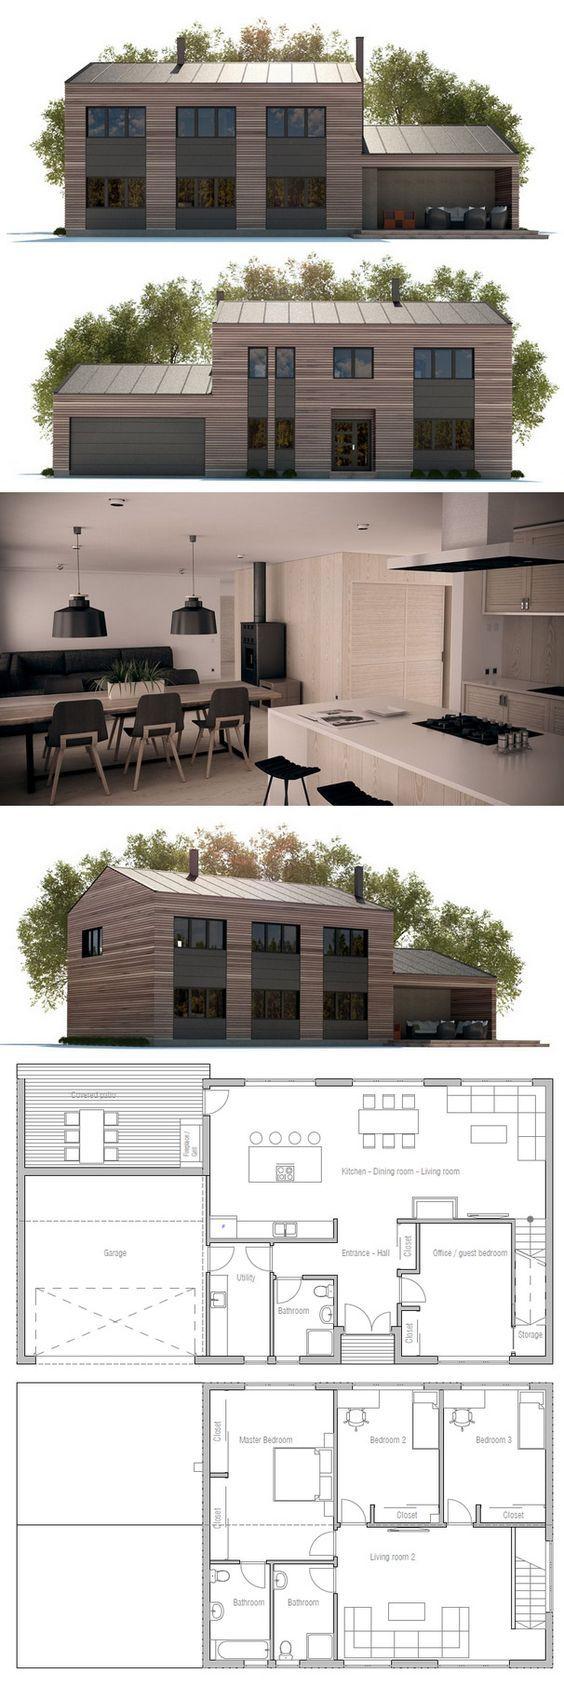 U küchendesignpläne plan de maison  architecture  pinterest  haus haus design und